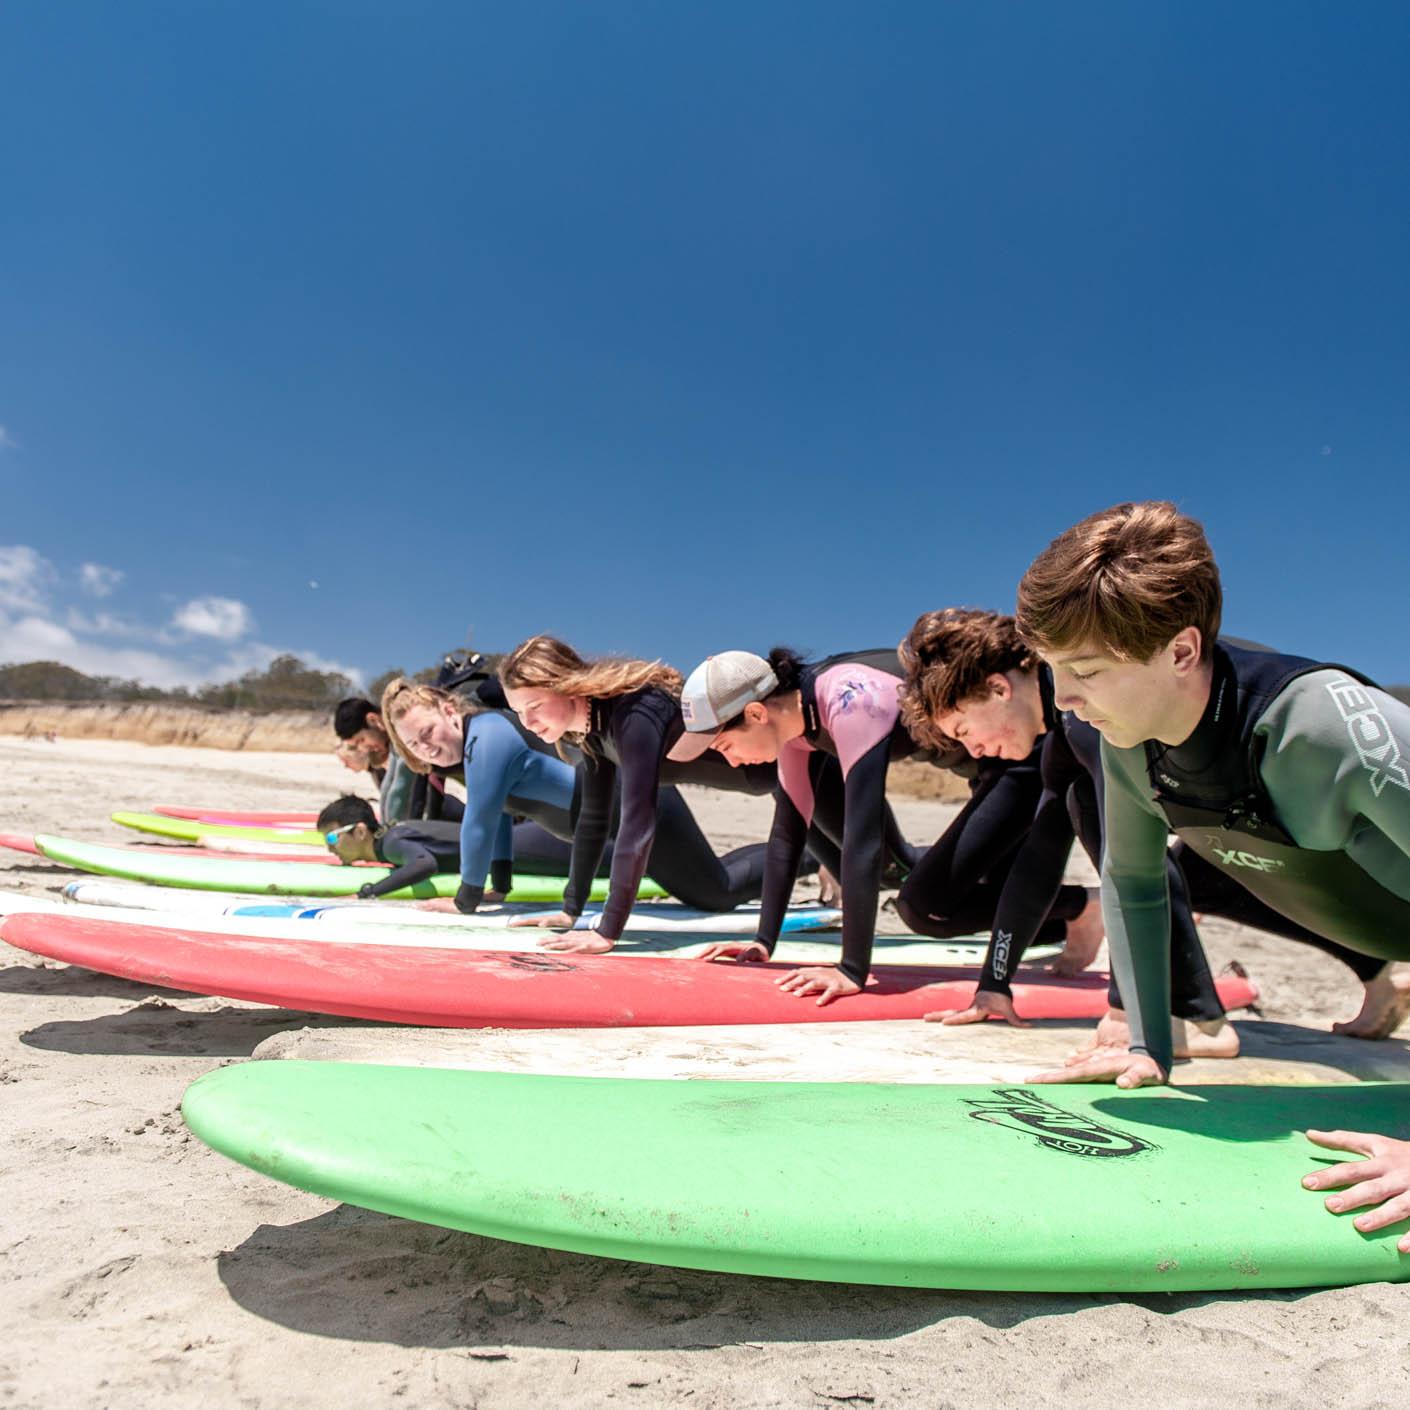 High Sierra surfing